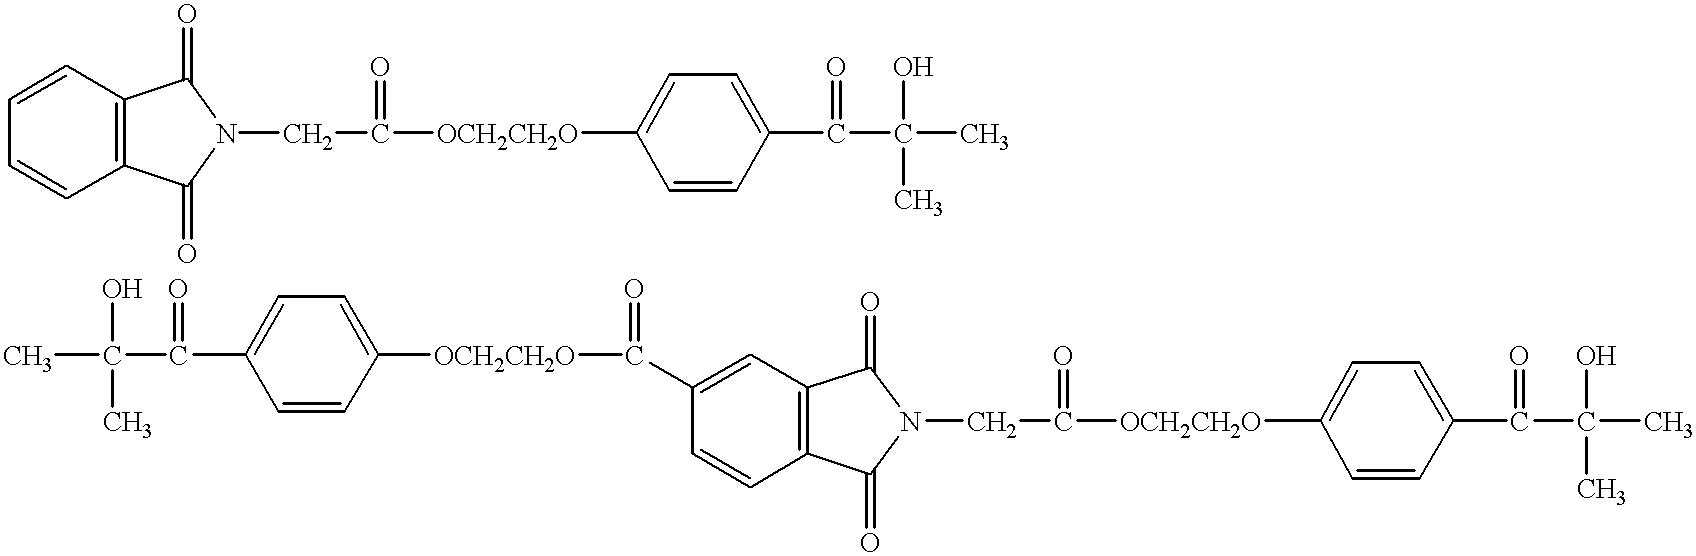 Figure US06242057-20010605-C00027